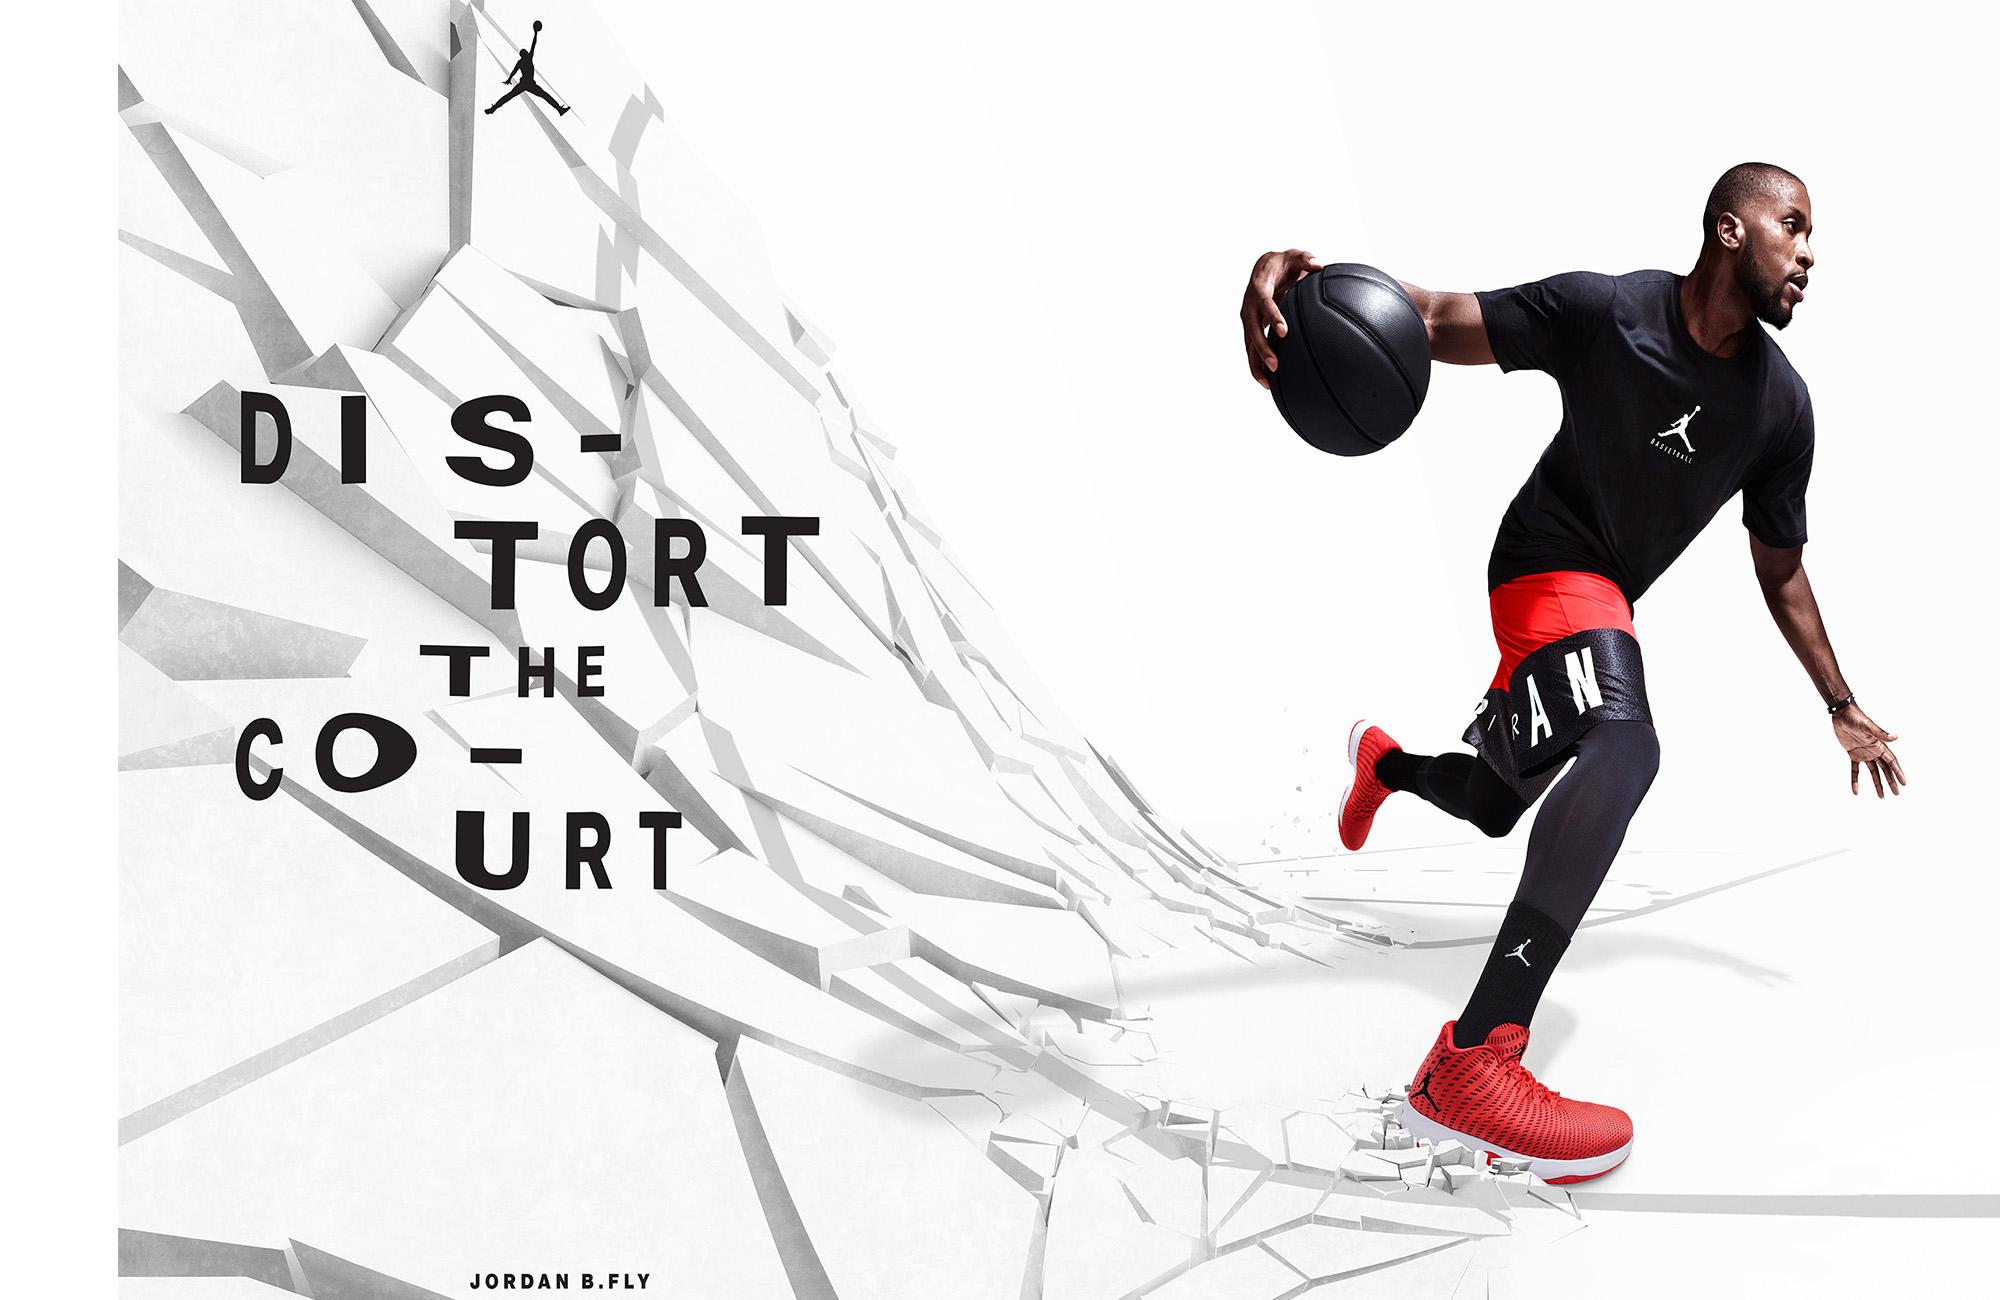 Nike Jordan B-Fly - 1 of 2